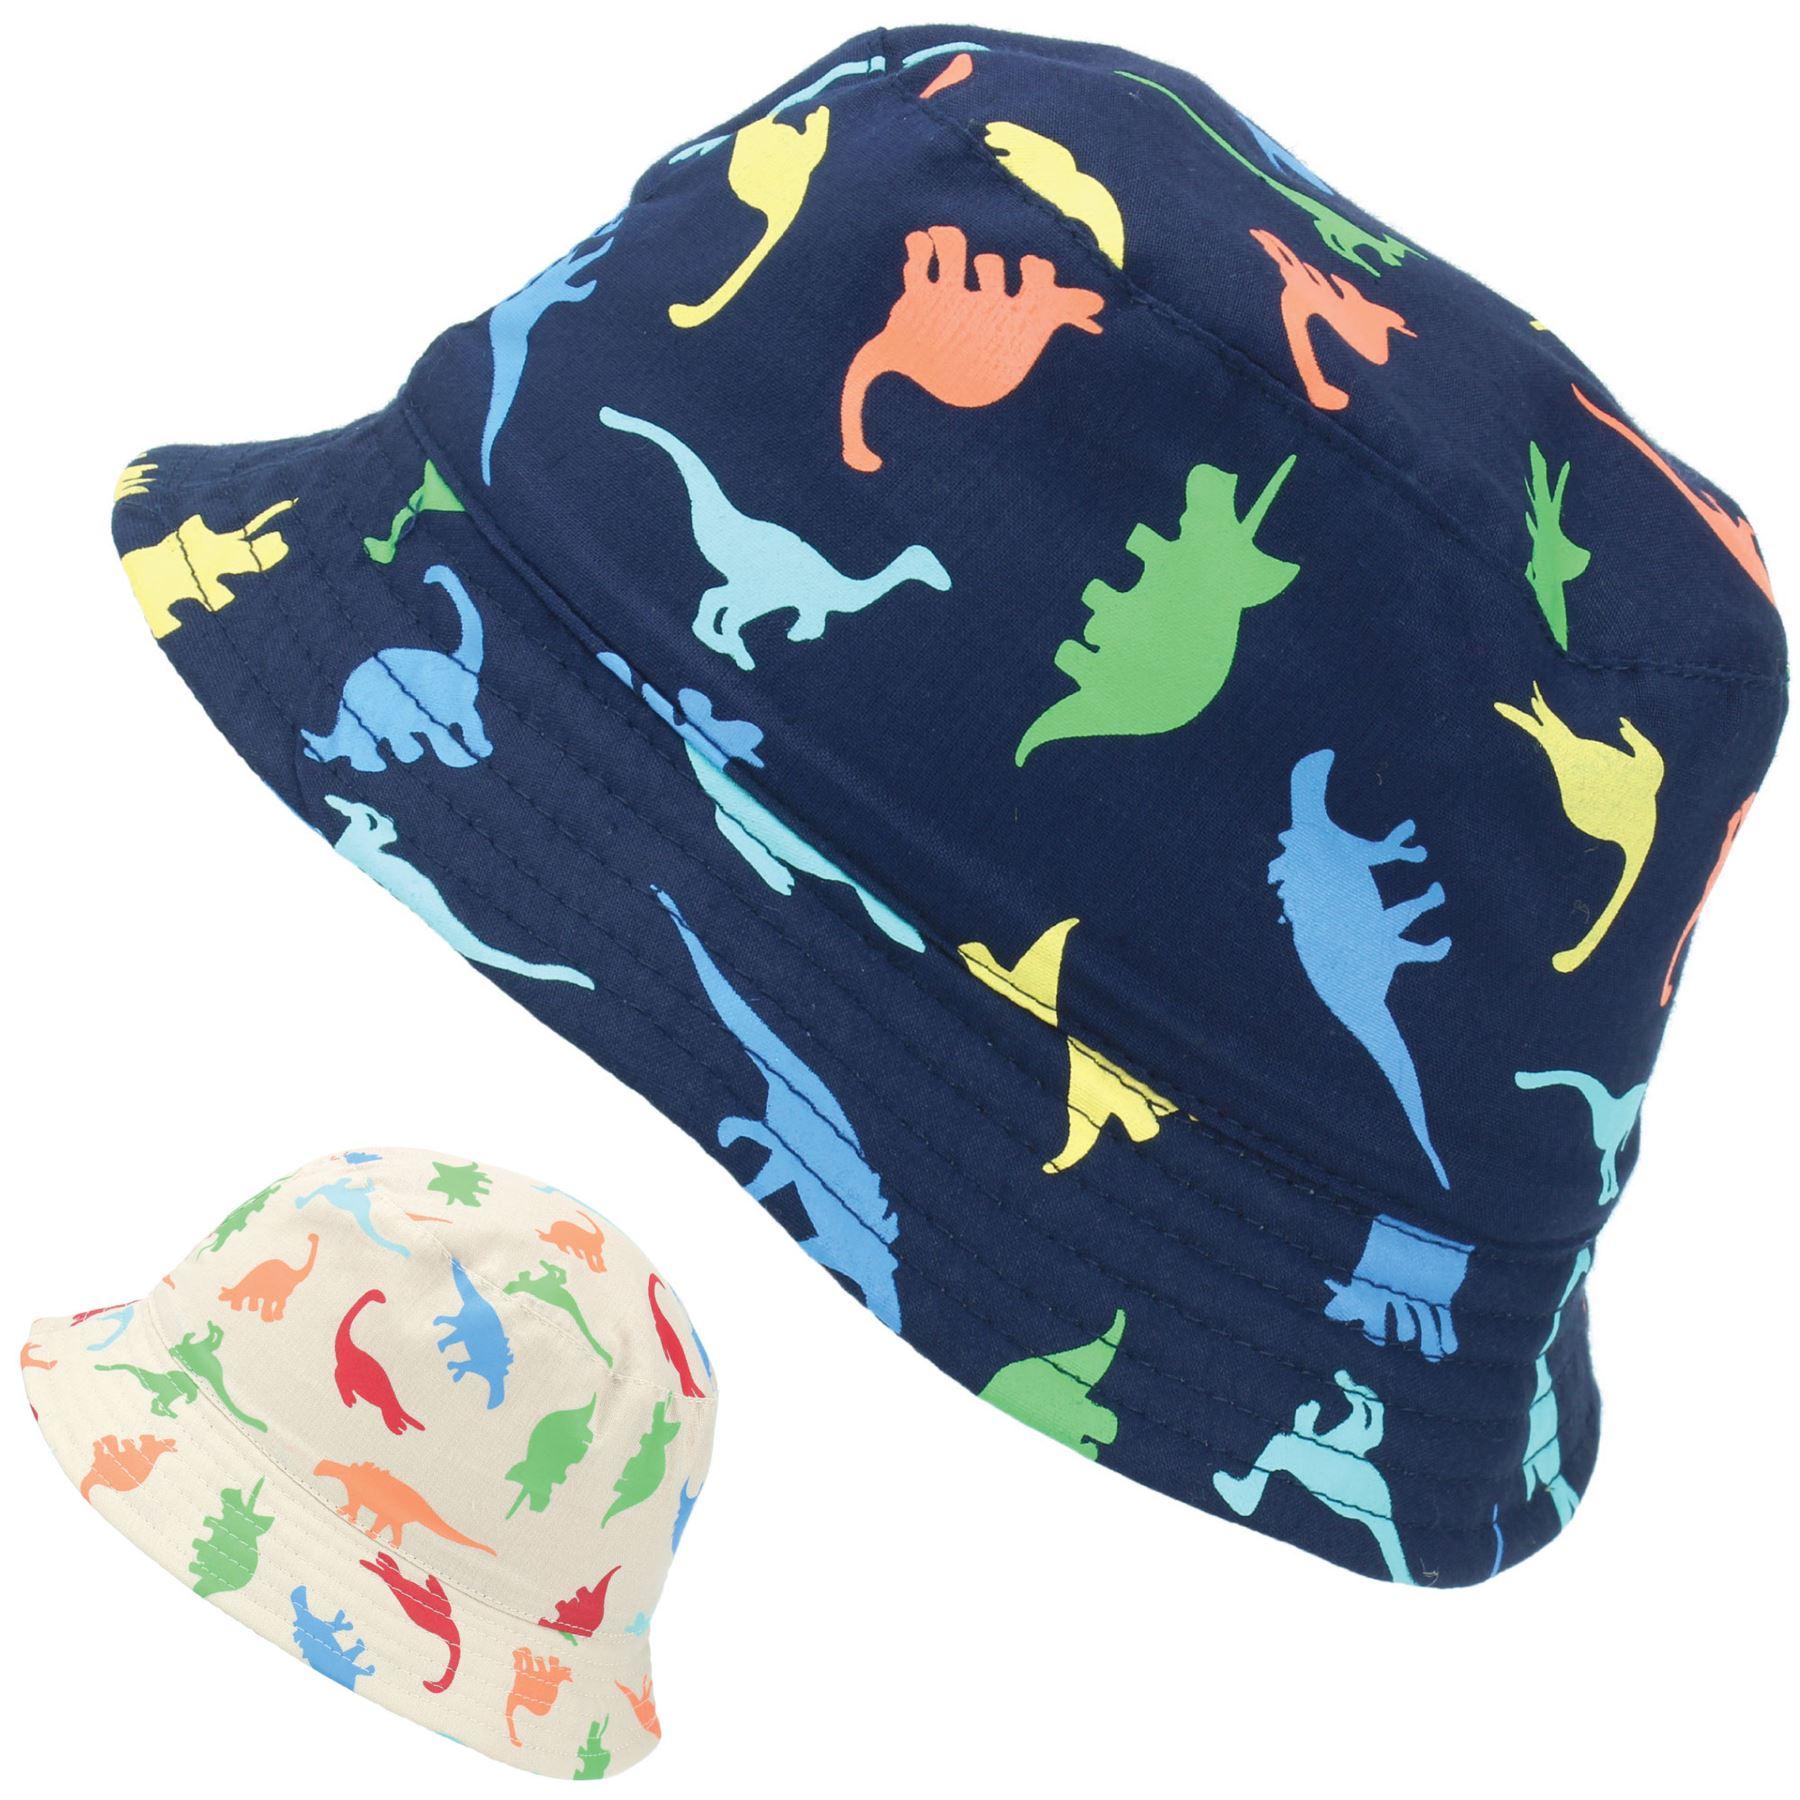 code promo 6b0f0 11c14 Détails sur Chapeau Soleil Enfants Garçons Filles Bébé Dinosaures Dino Kids  Cap Summer- afficher le titre d'origine